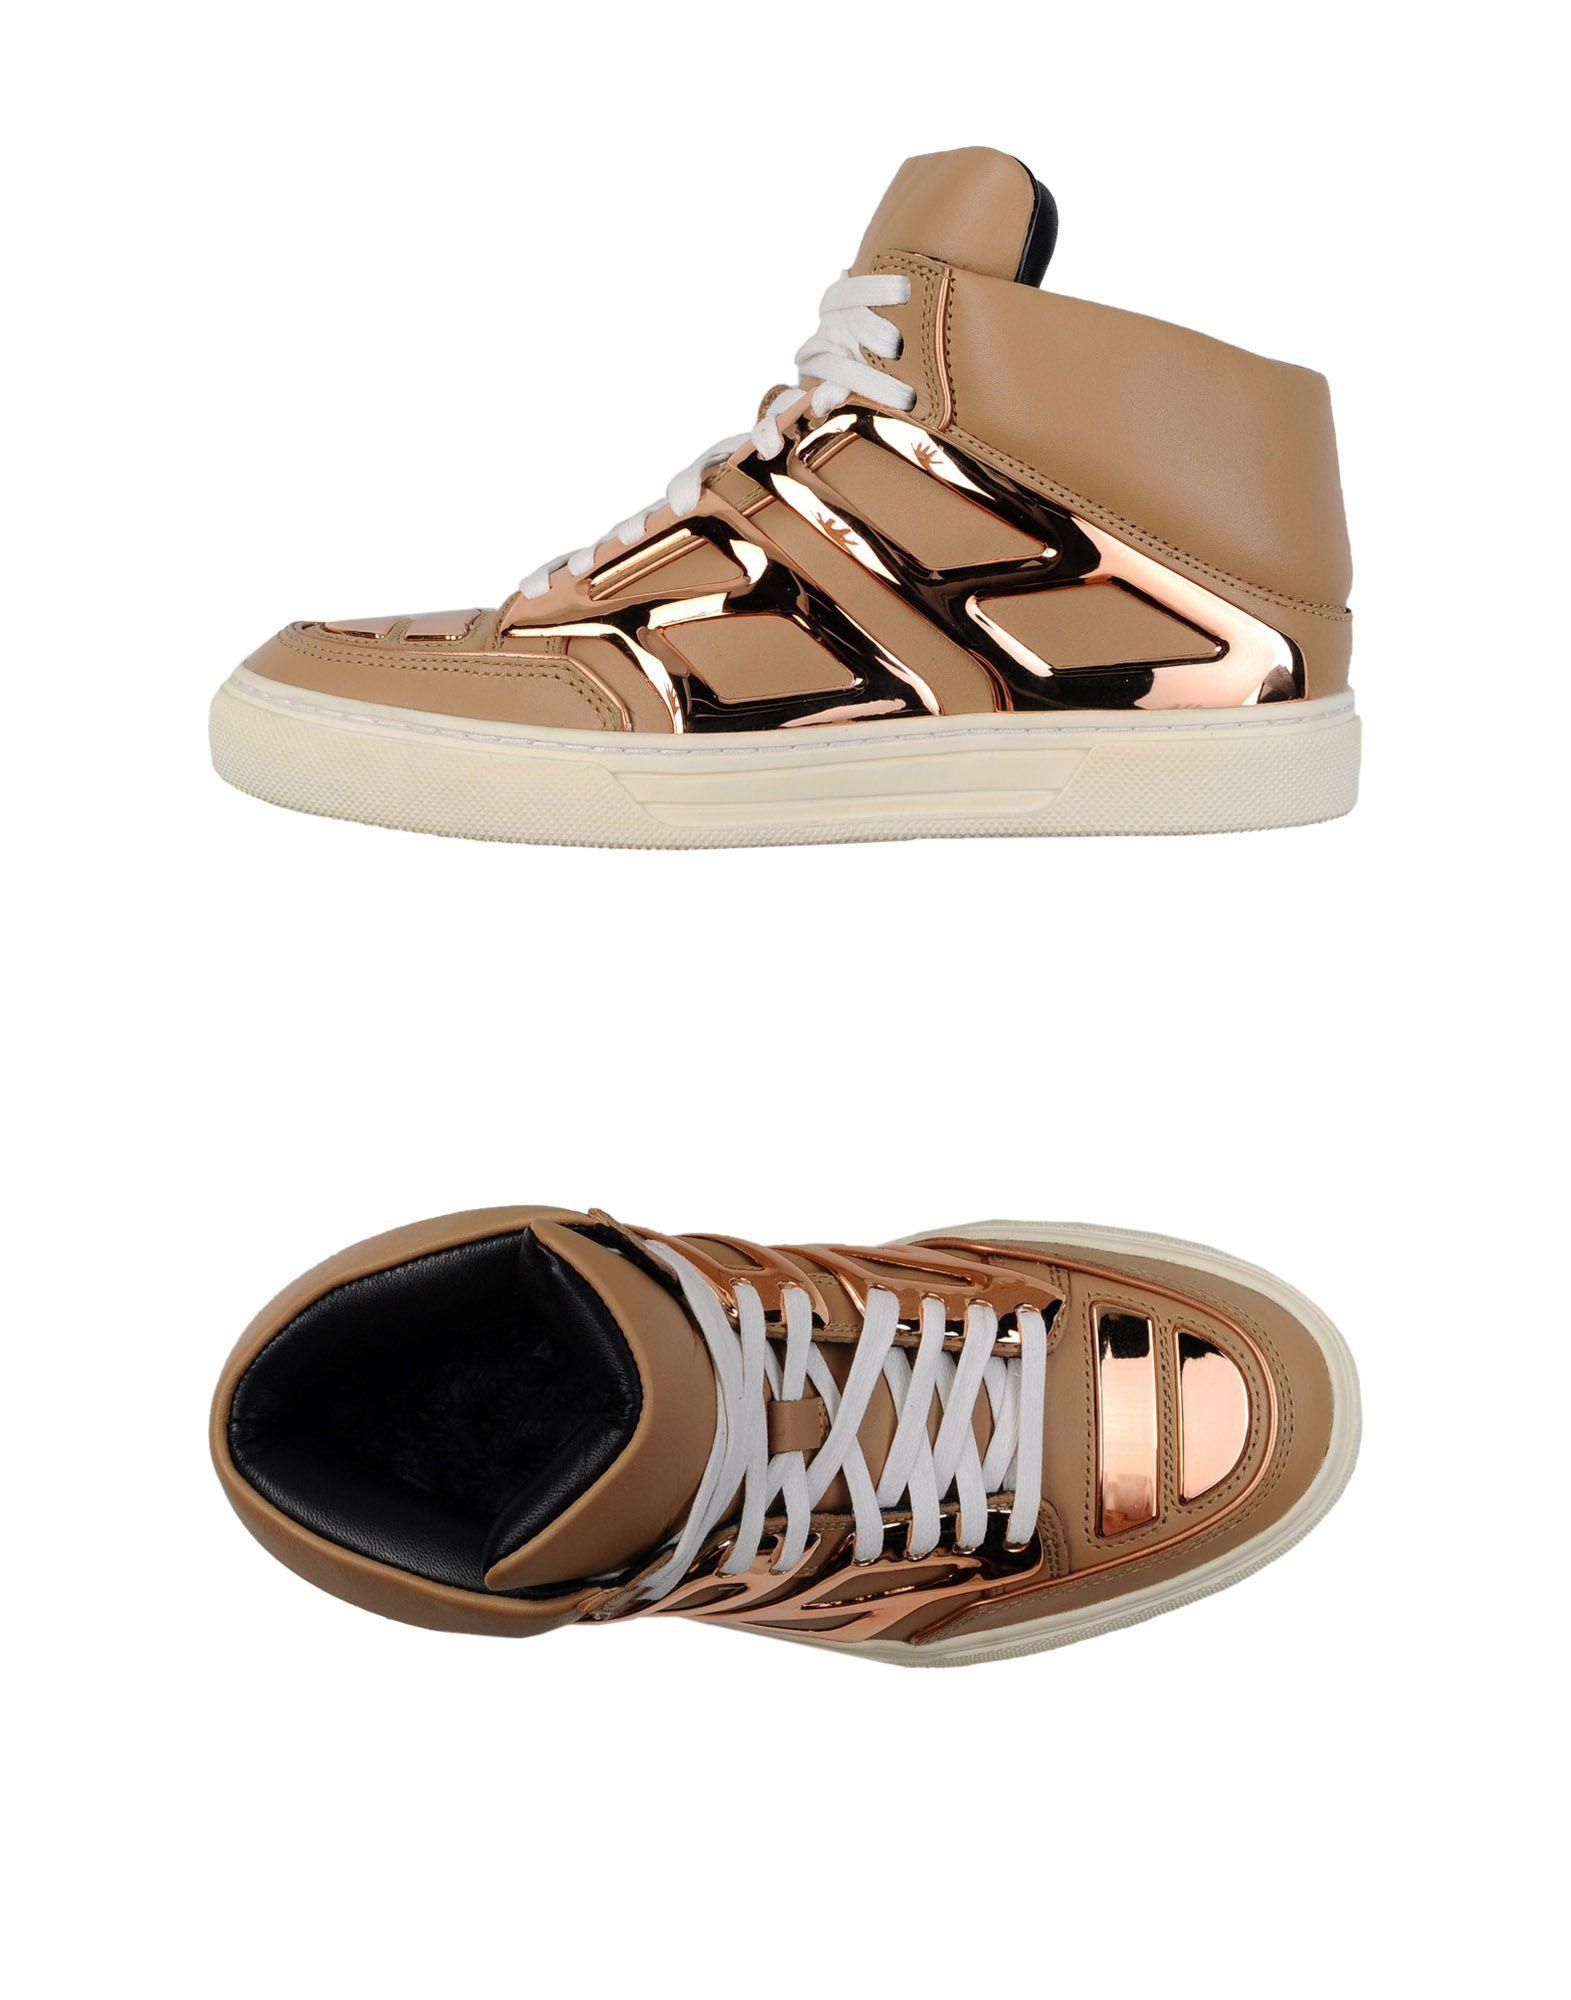 Alejandro Ingelmo Sneakers Damen aussehende  44847258BVGünstige gut aussehende Damen Schuhe c8f714